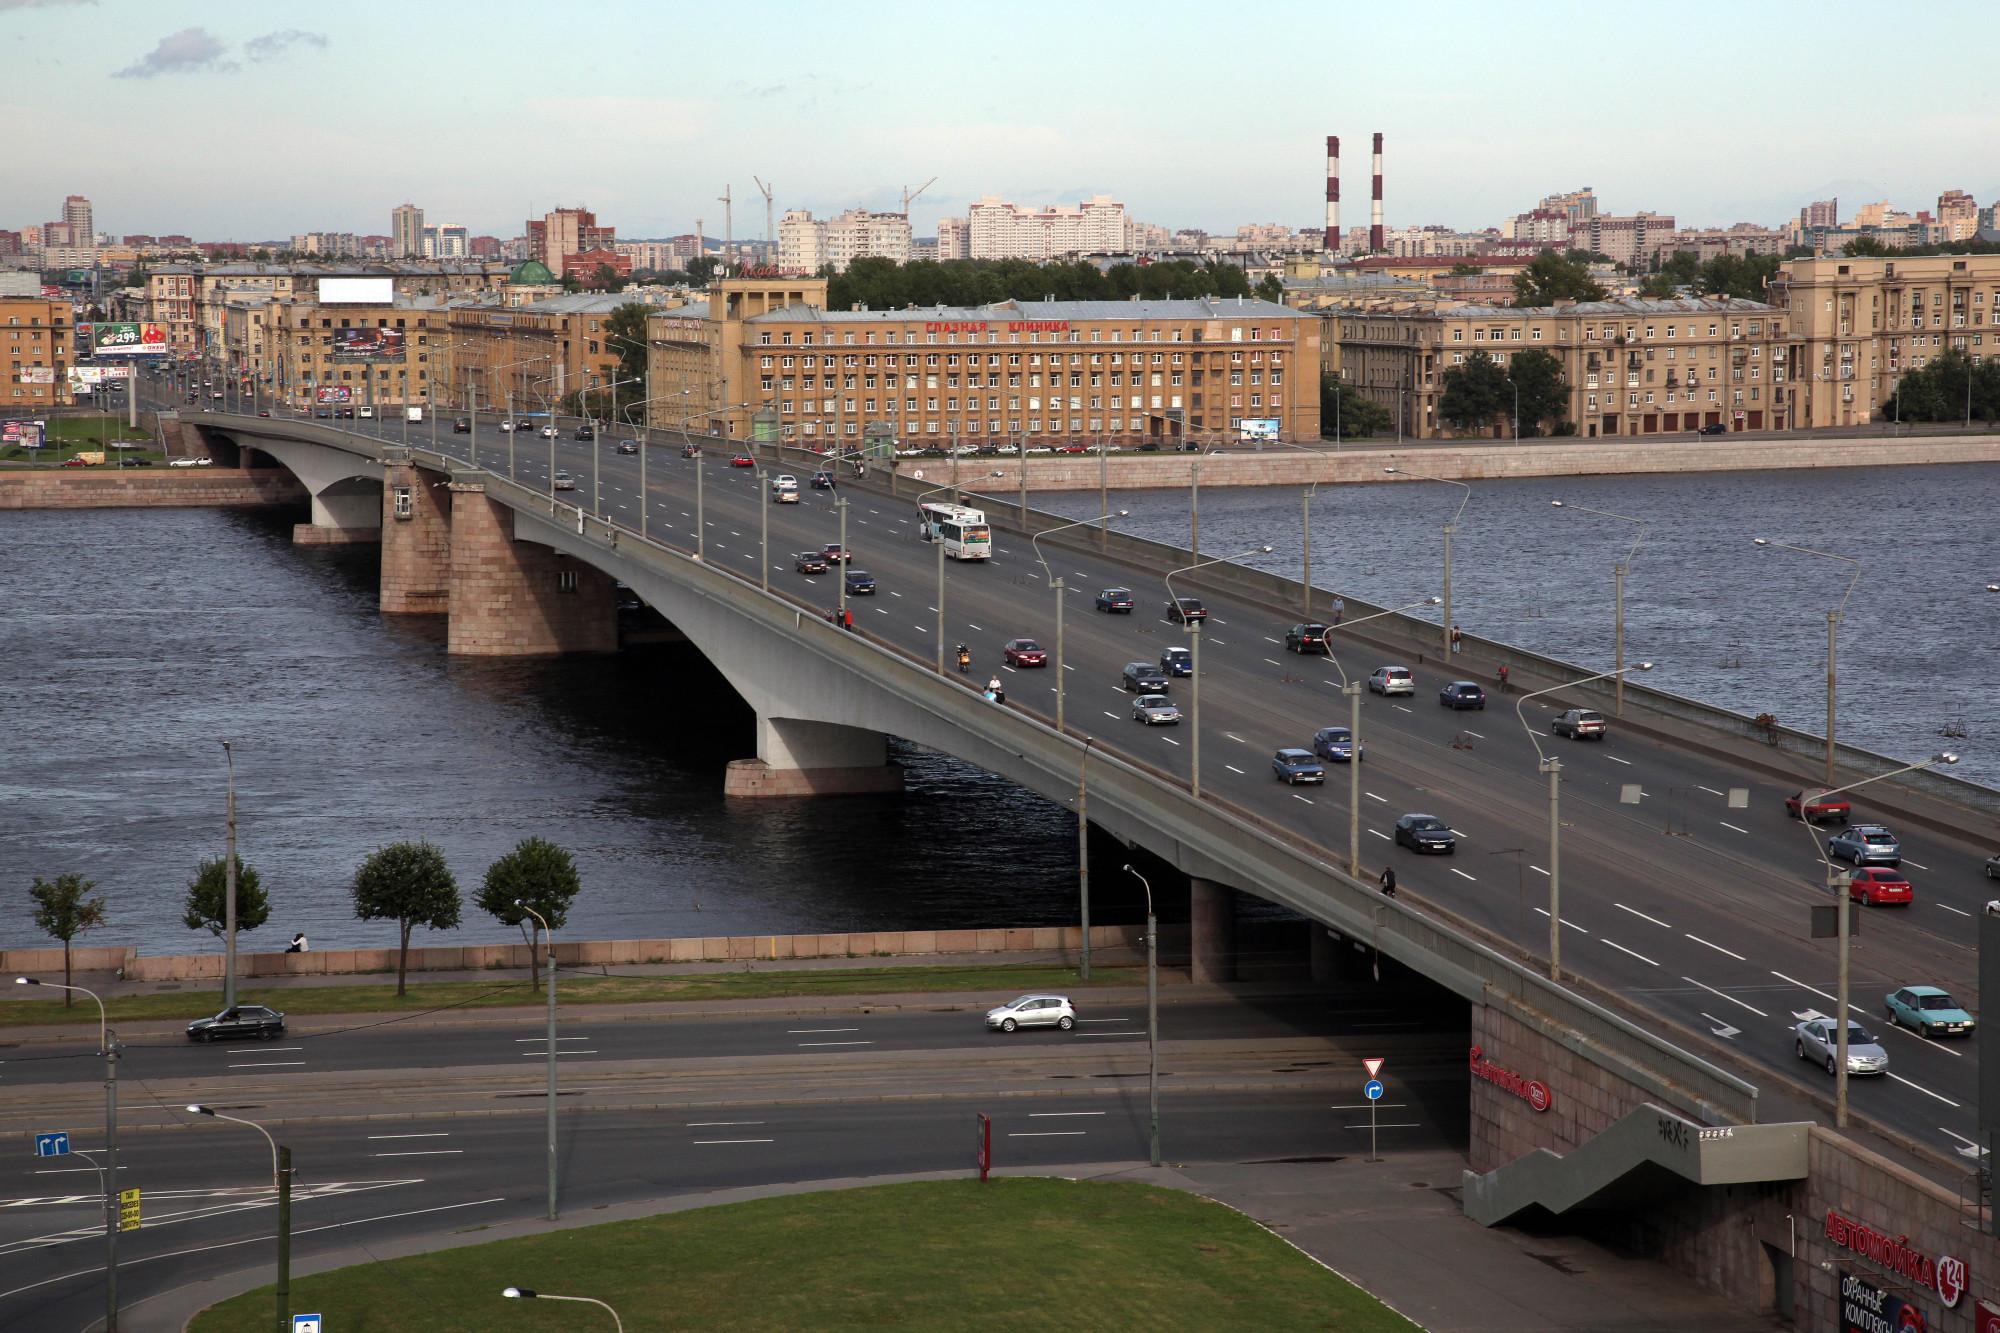 могут быть фото разведенного моста александра невского давно хотела